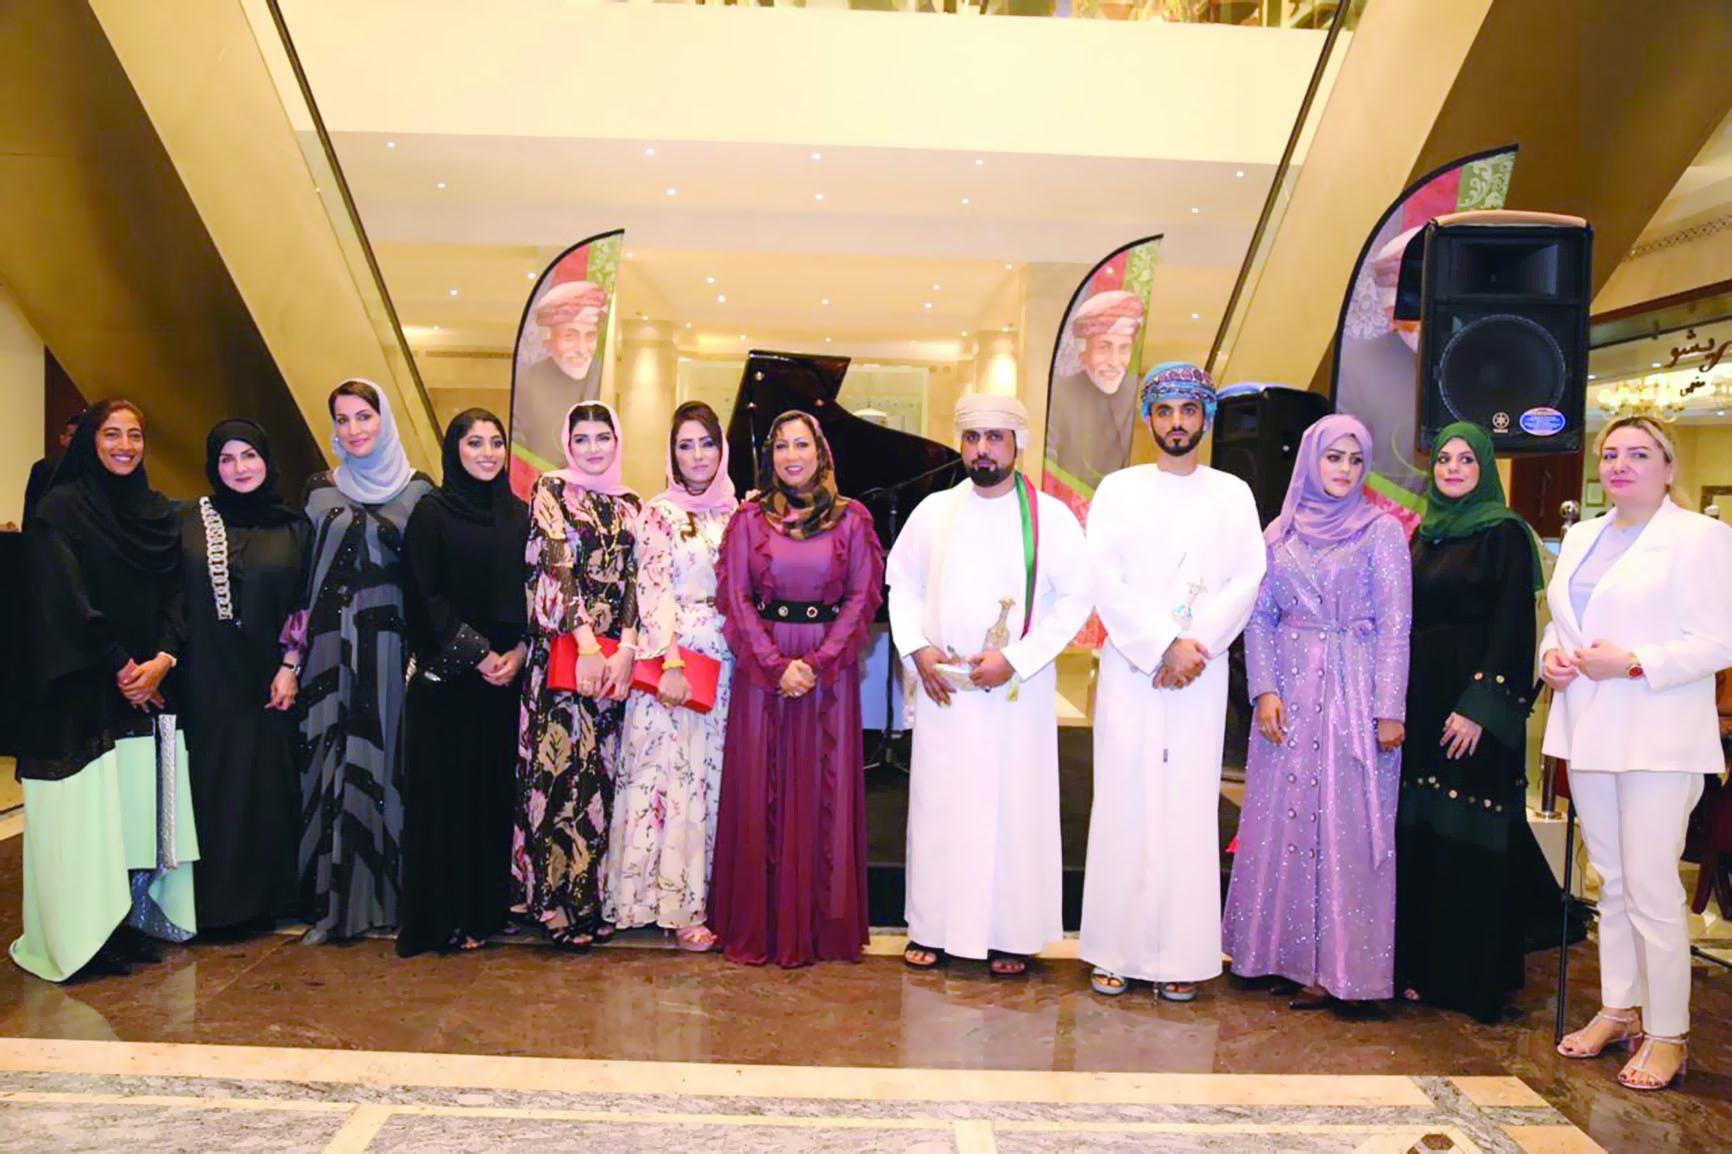 برعاية «صحيفة وإف أم الشبيبة» «أنغام عمانية» تحط رحالها في الأوبرا جالاريا